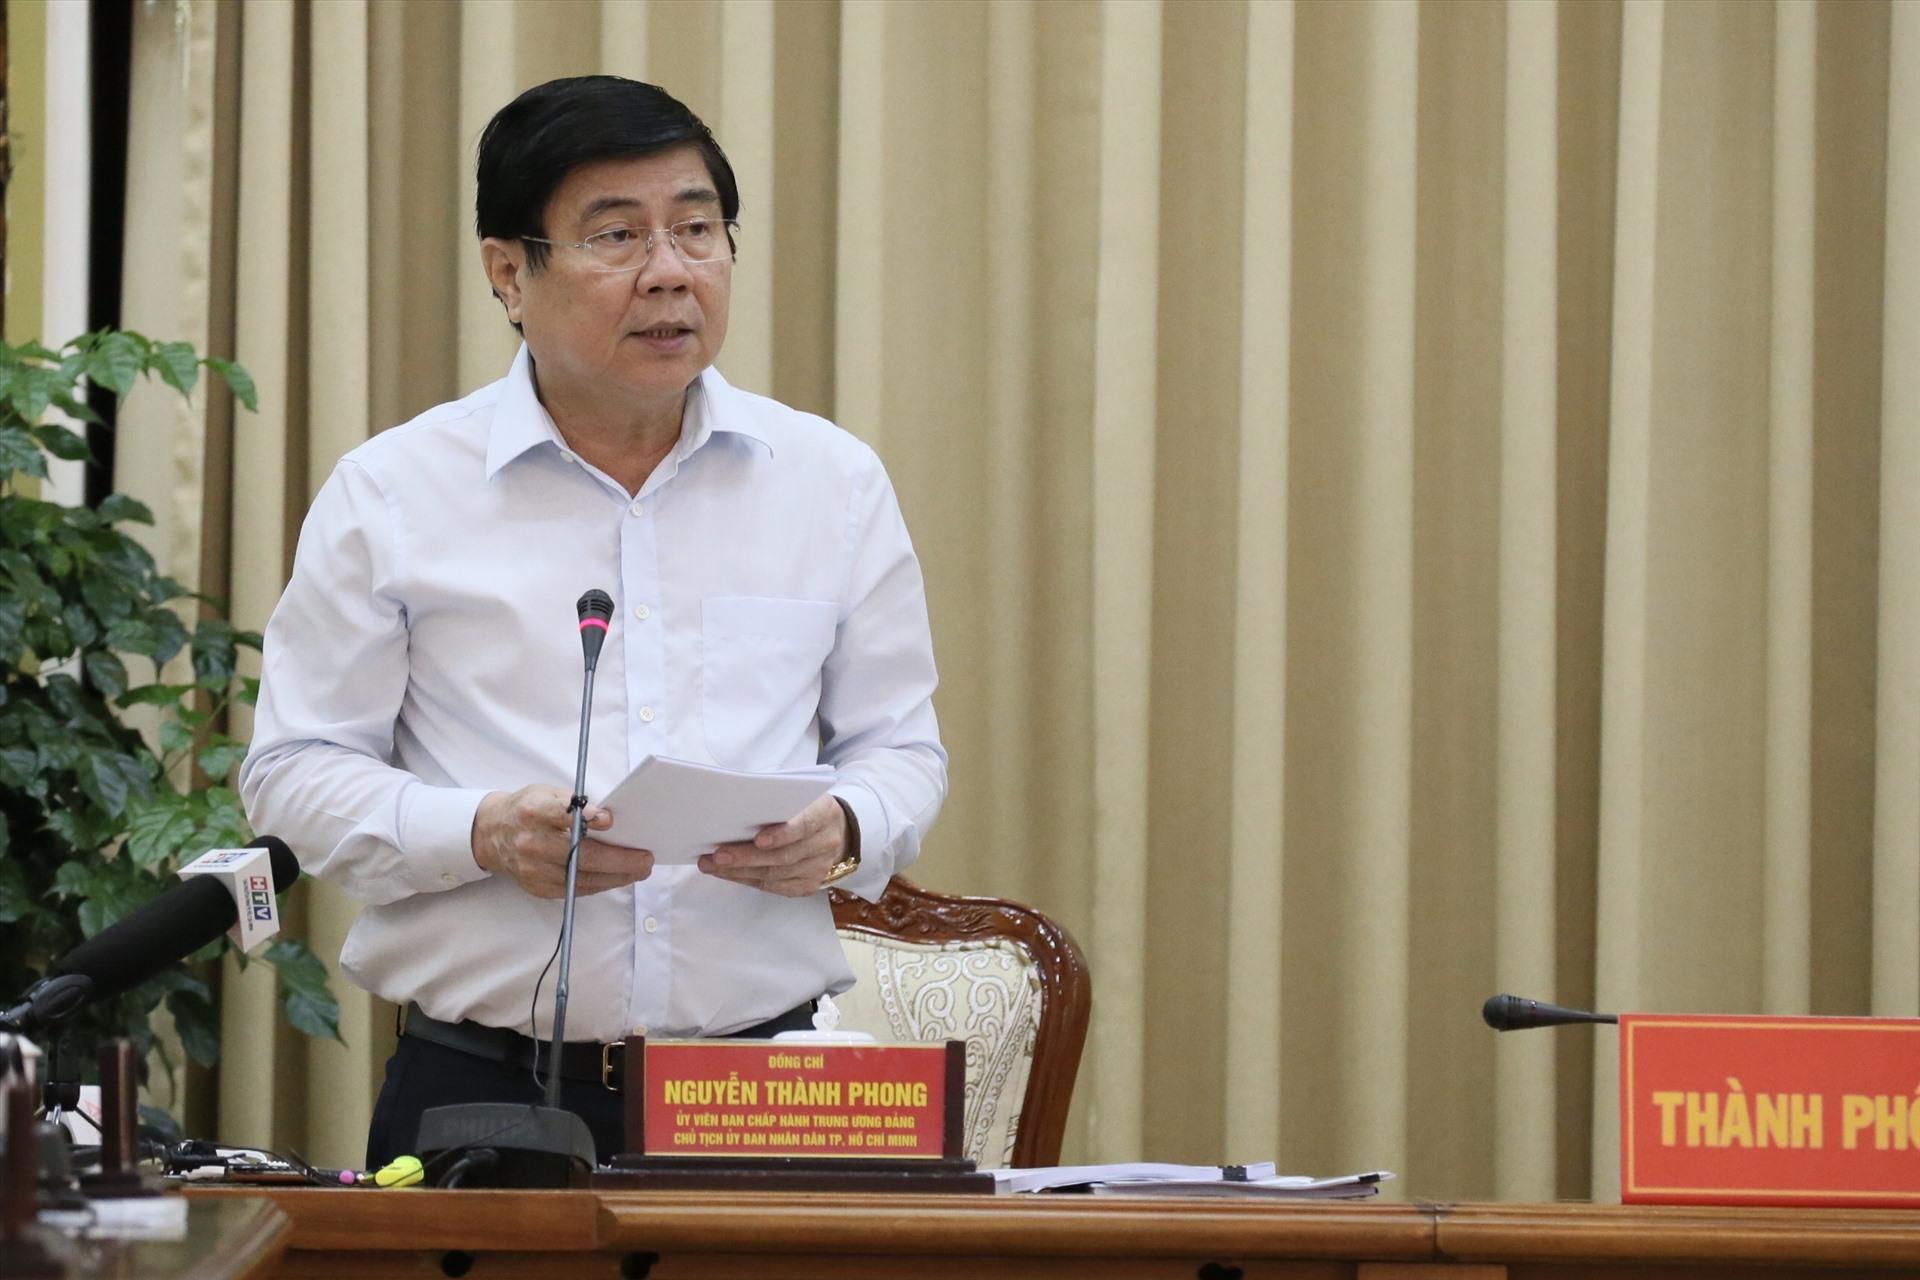 Chủ tịch UBND TPHCM Nguyễn Thành Phong phát biểu tại buổi làm việc. Ảnh: TTBC